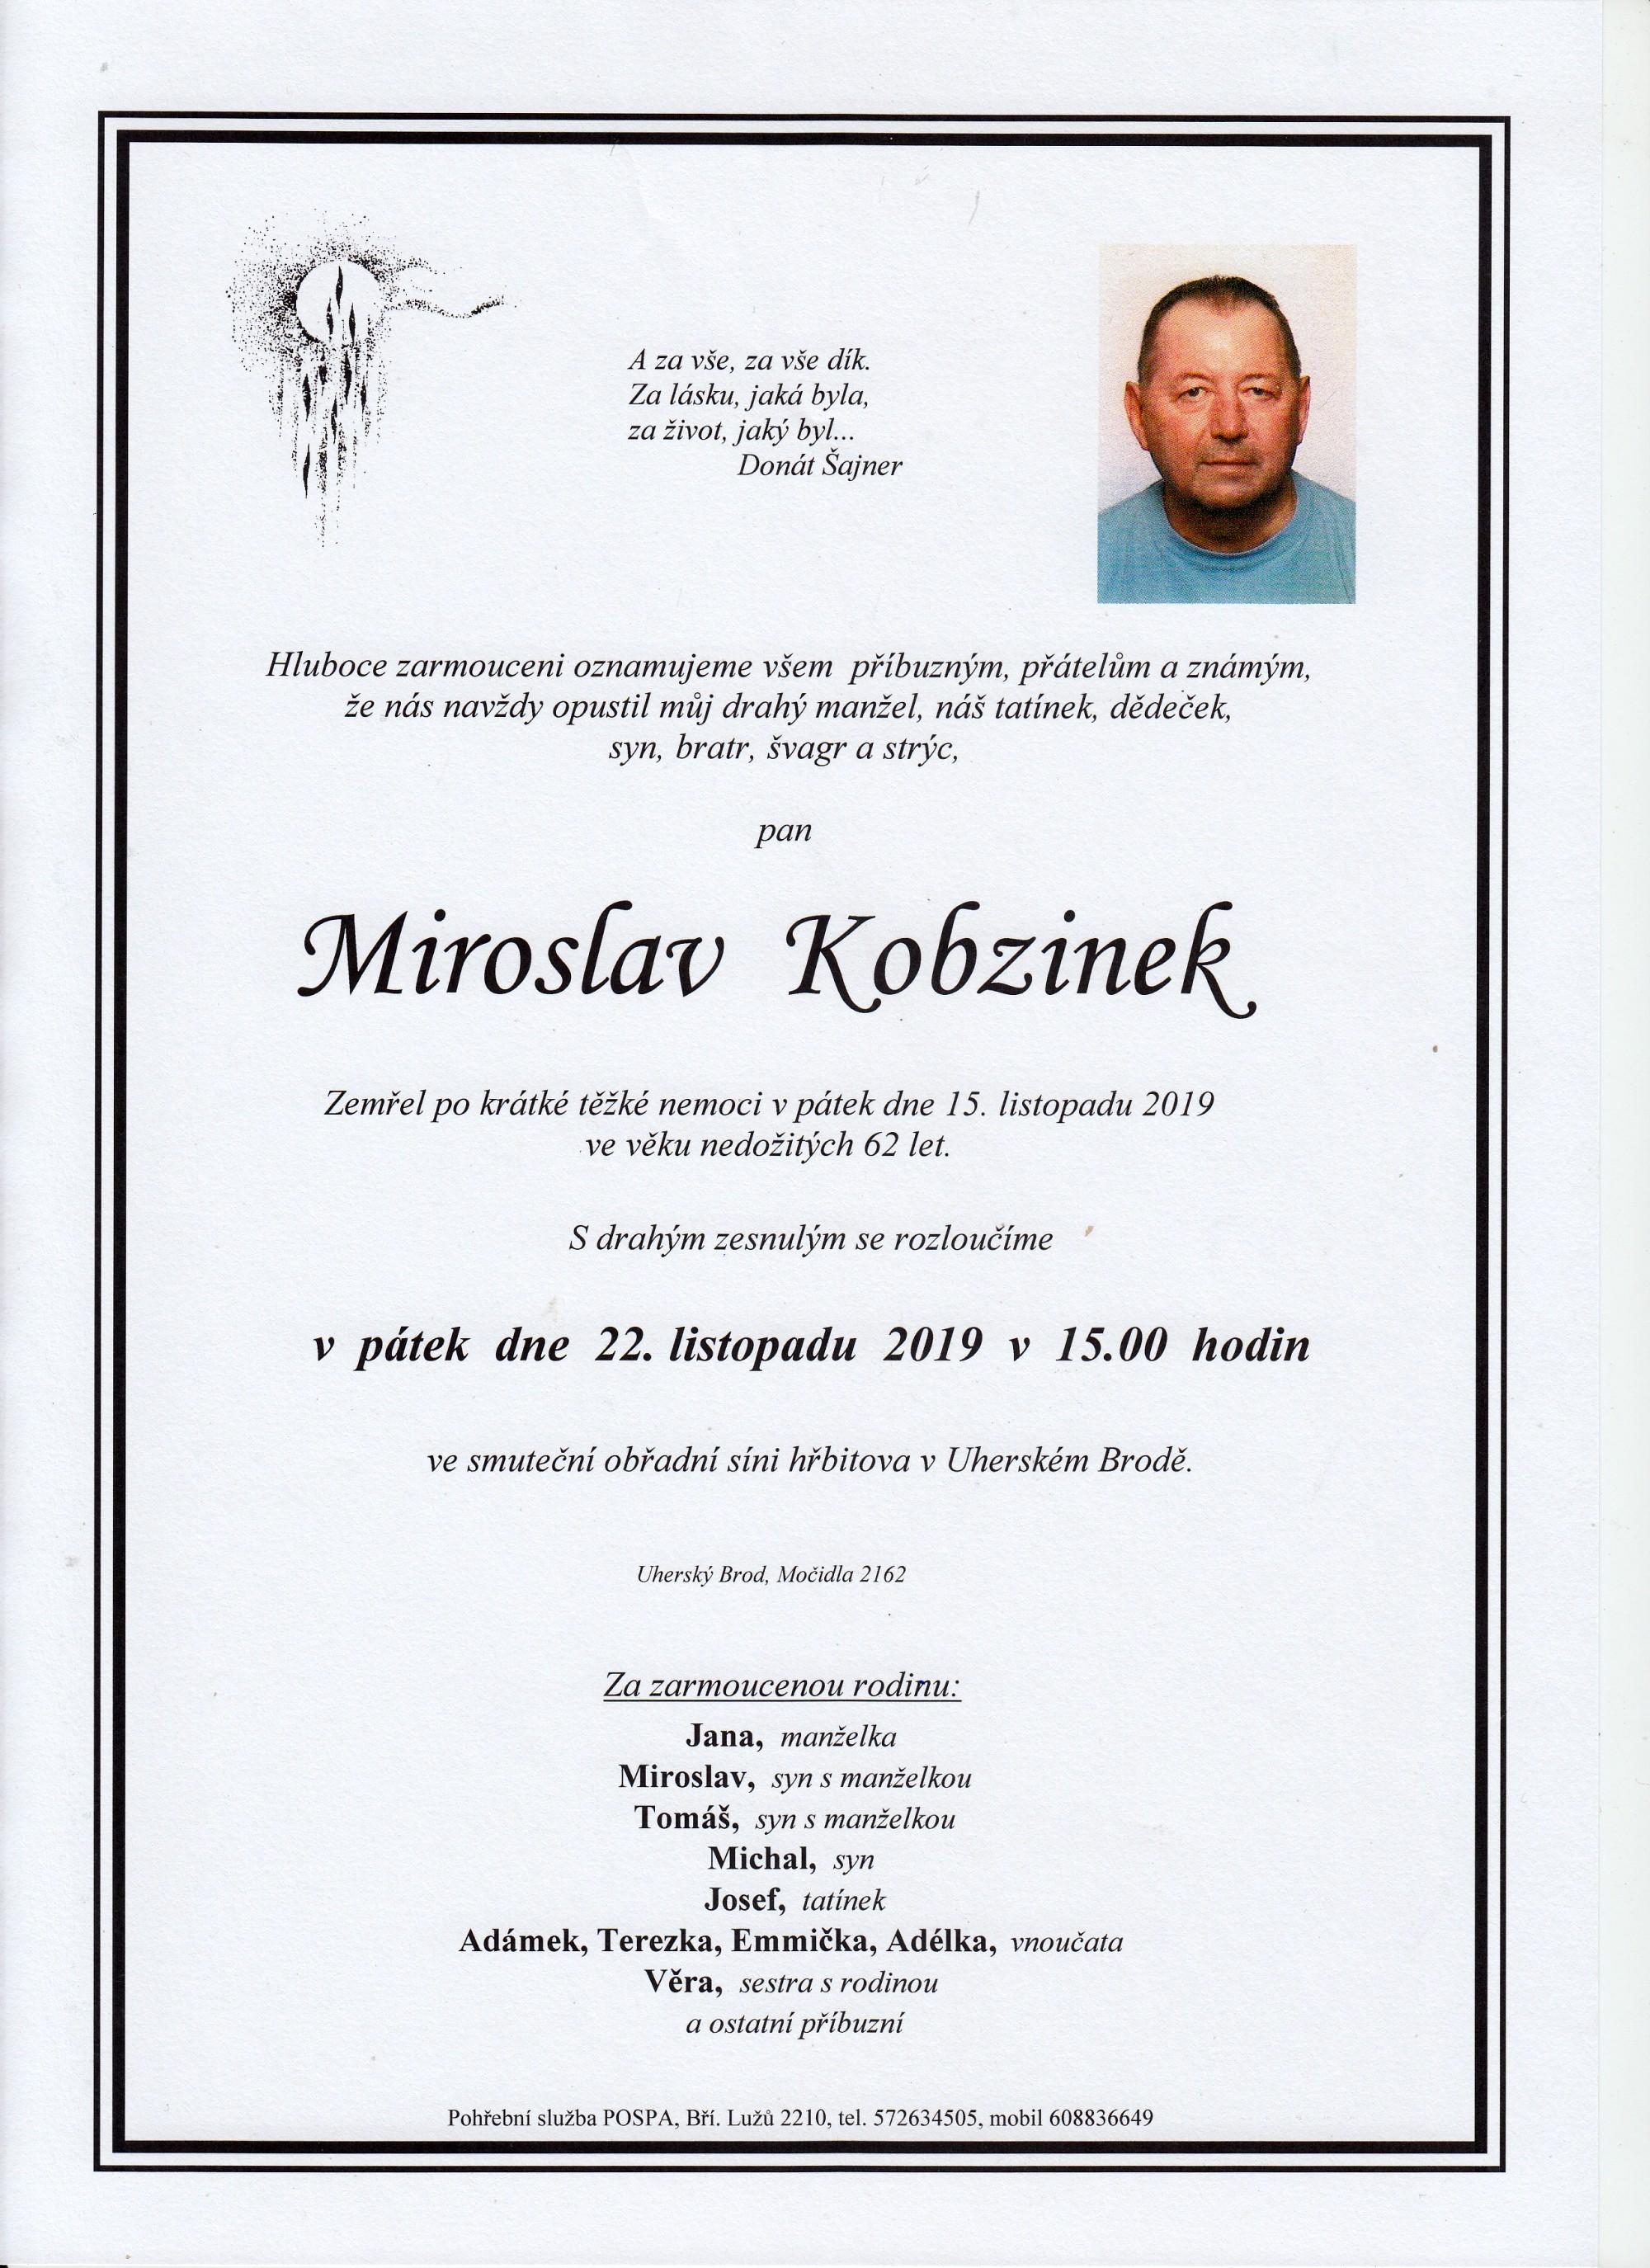 Miroslav Kobzinek